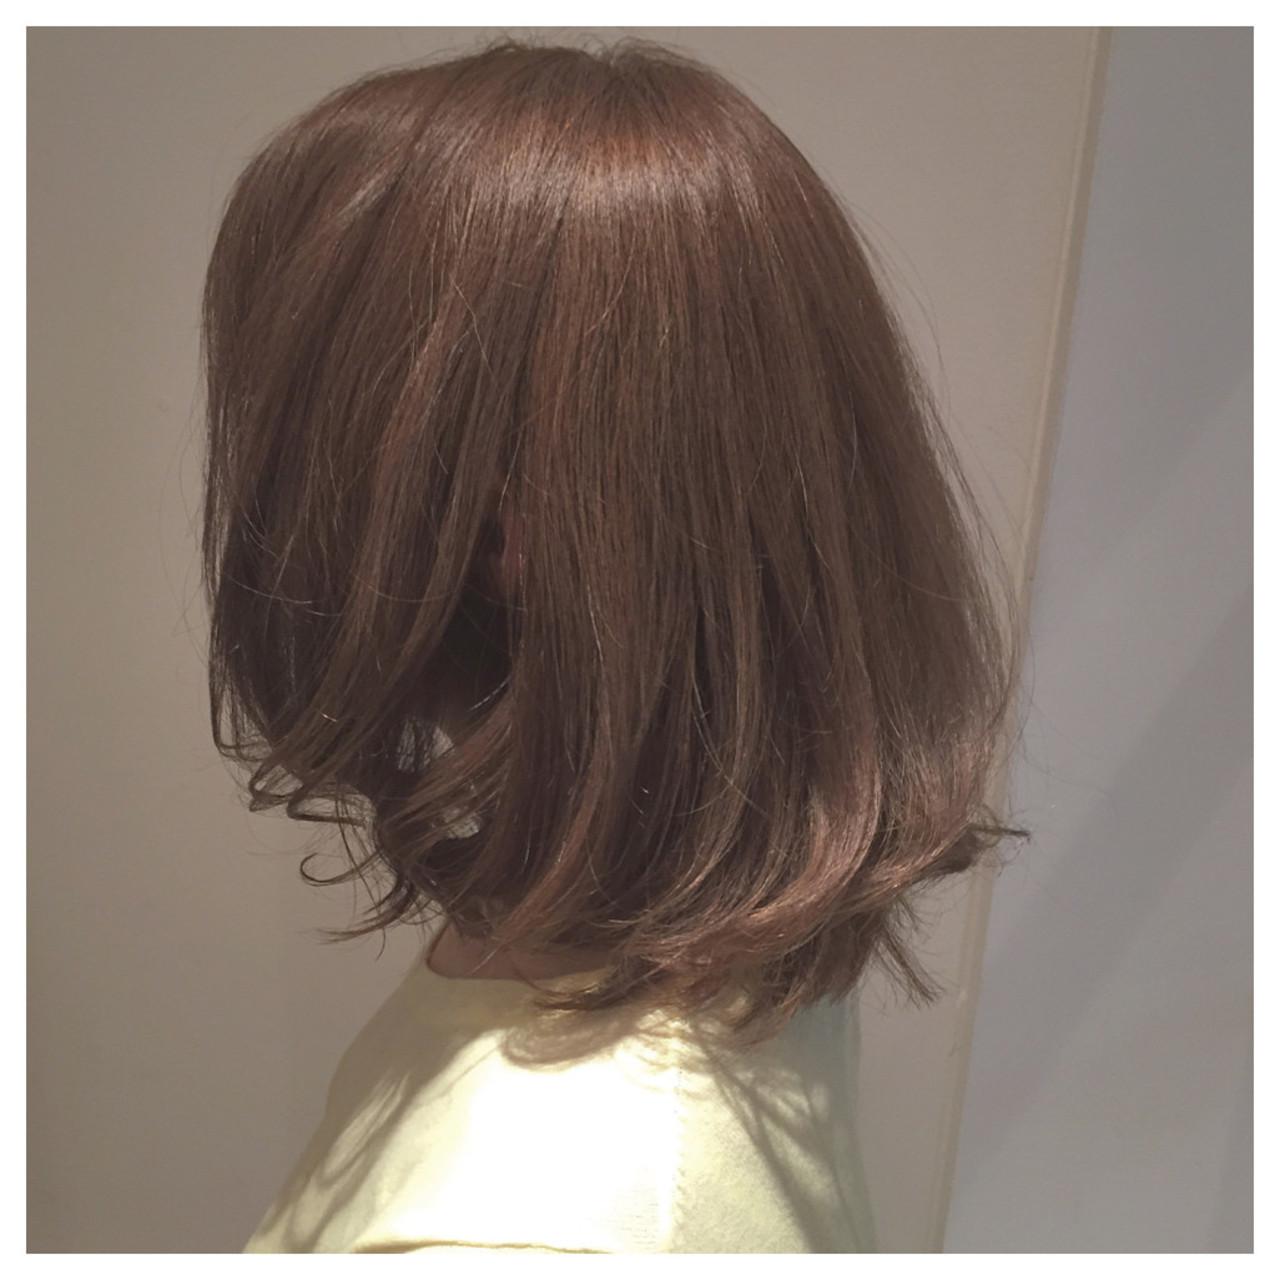 伸ばしかけ ストリート ミディアム グレージュ ヘアスタイルや髪型の写真・画像